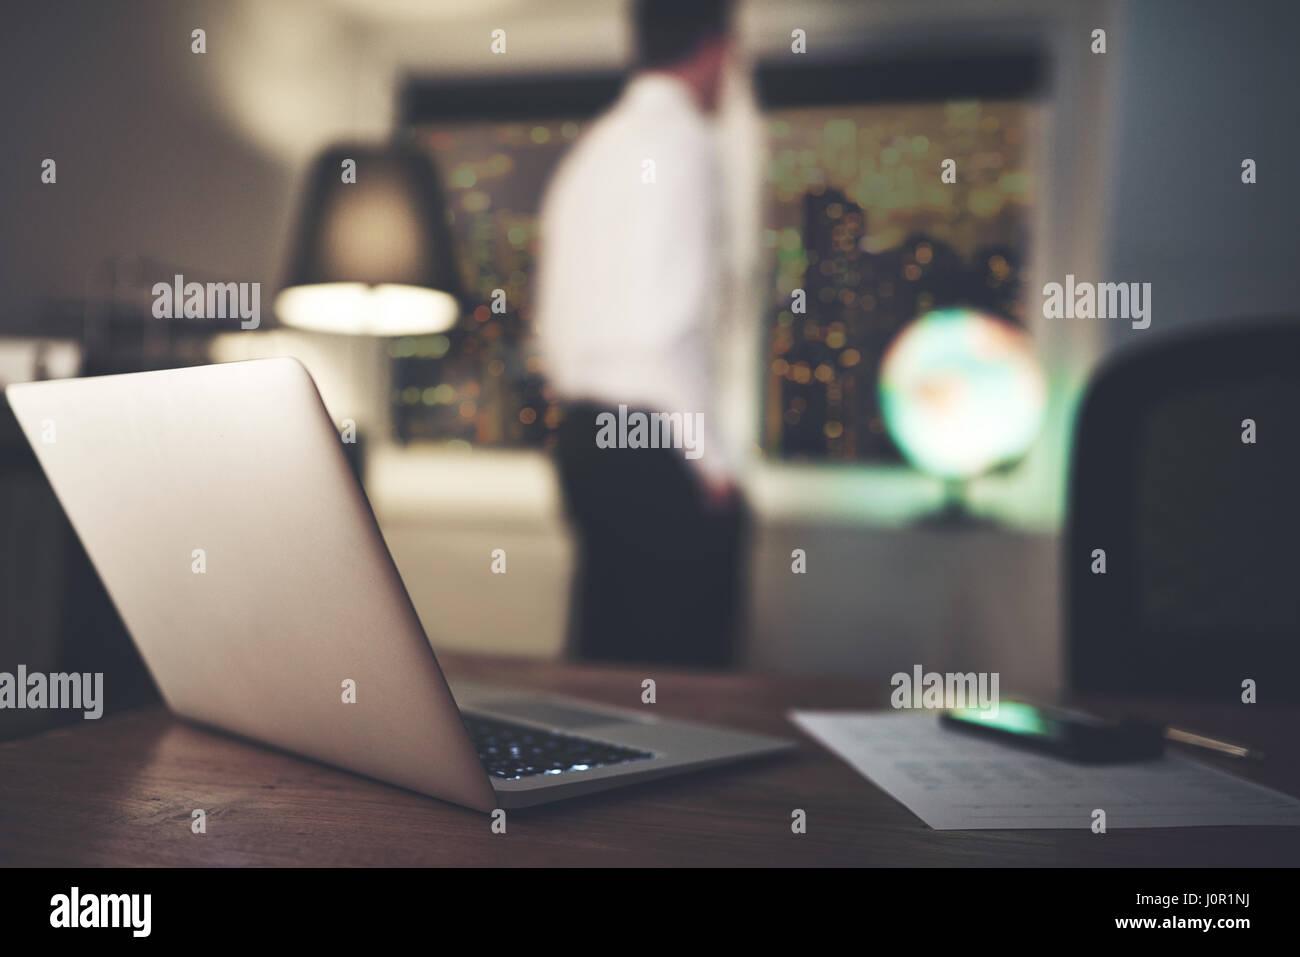 Un trouble permanent comptable méconnaissables dans l'office et la pensée du soir. Photo Stock